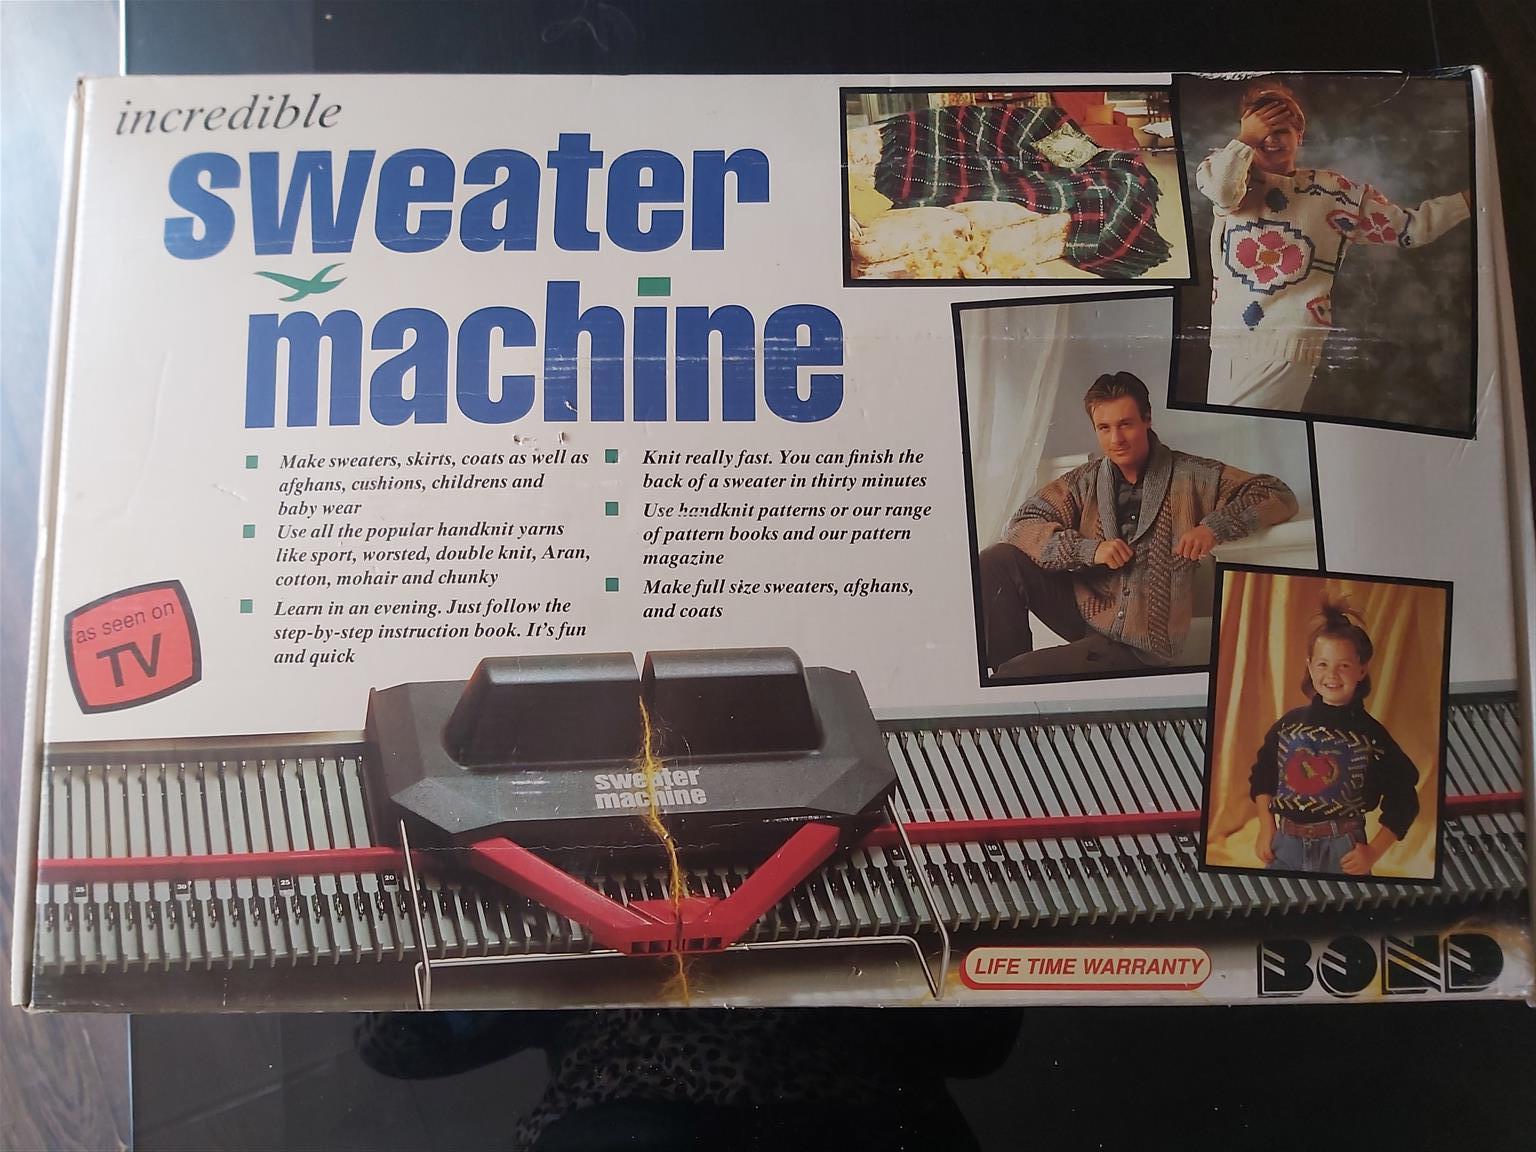 Sweater machine